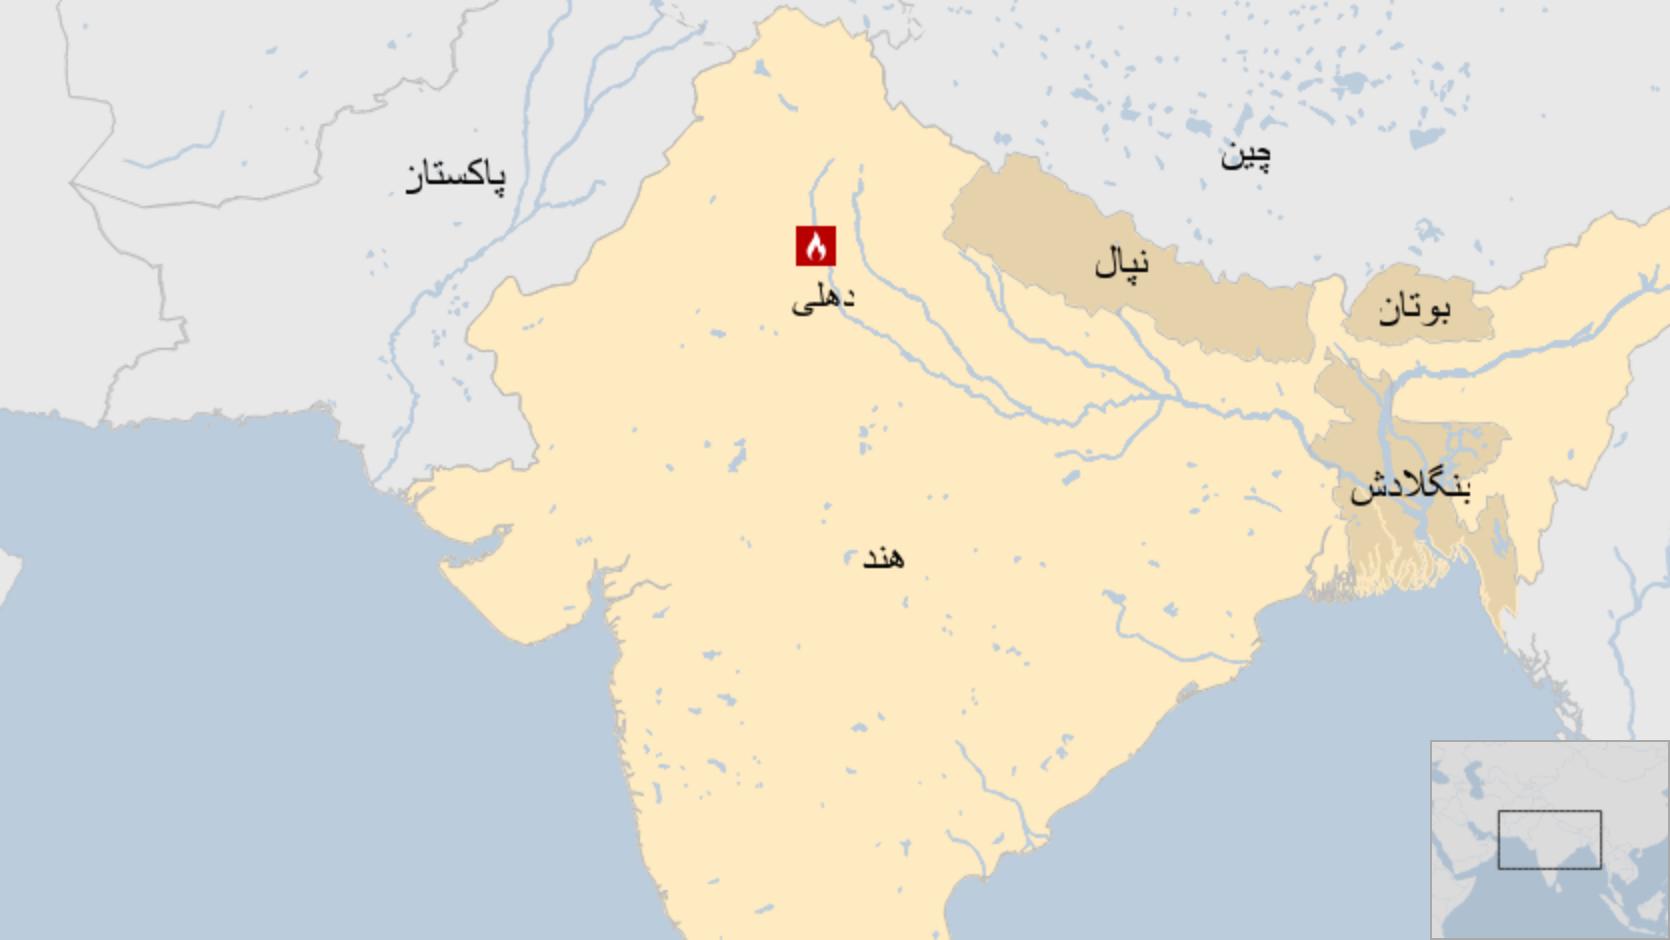 آتش سوزی در یک کارخانه در هند بیش از ۴۳ کشته بر جای گذاشت